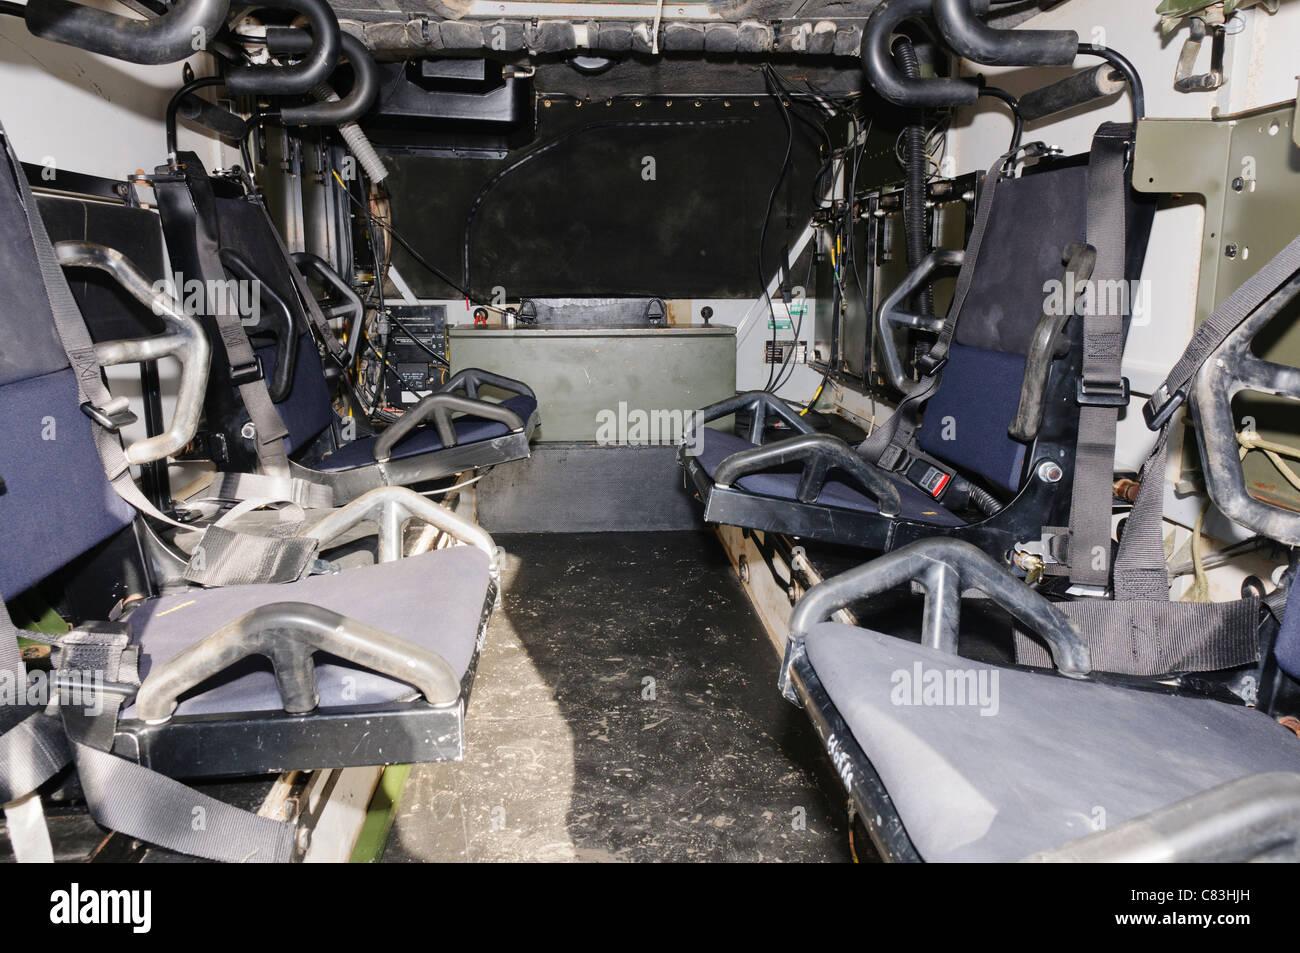 Im Inneren eines Vektors gepanzerte Mannschaftswagen Stockbild